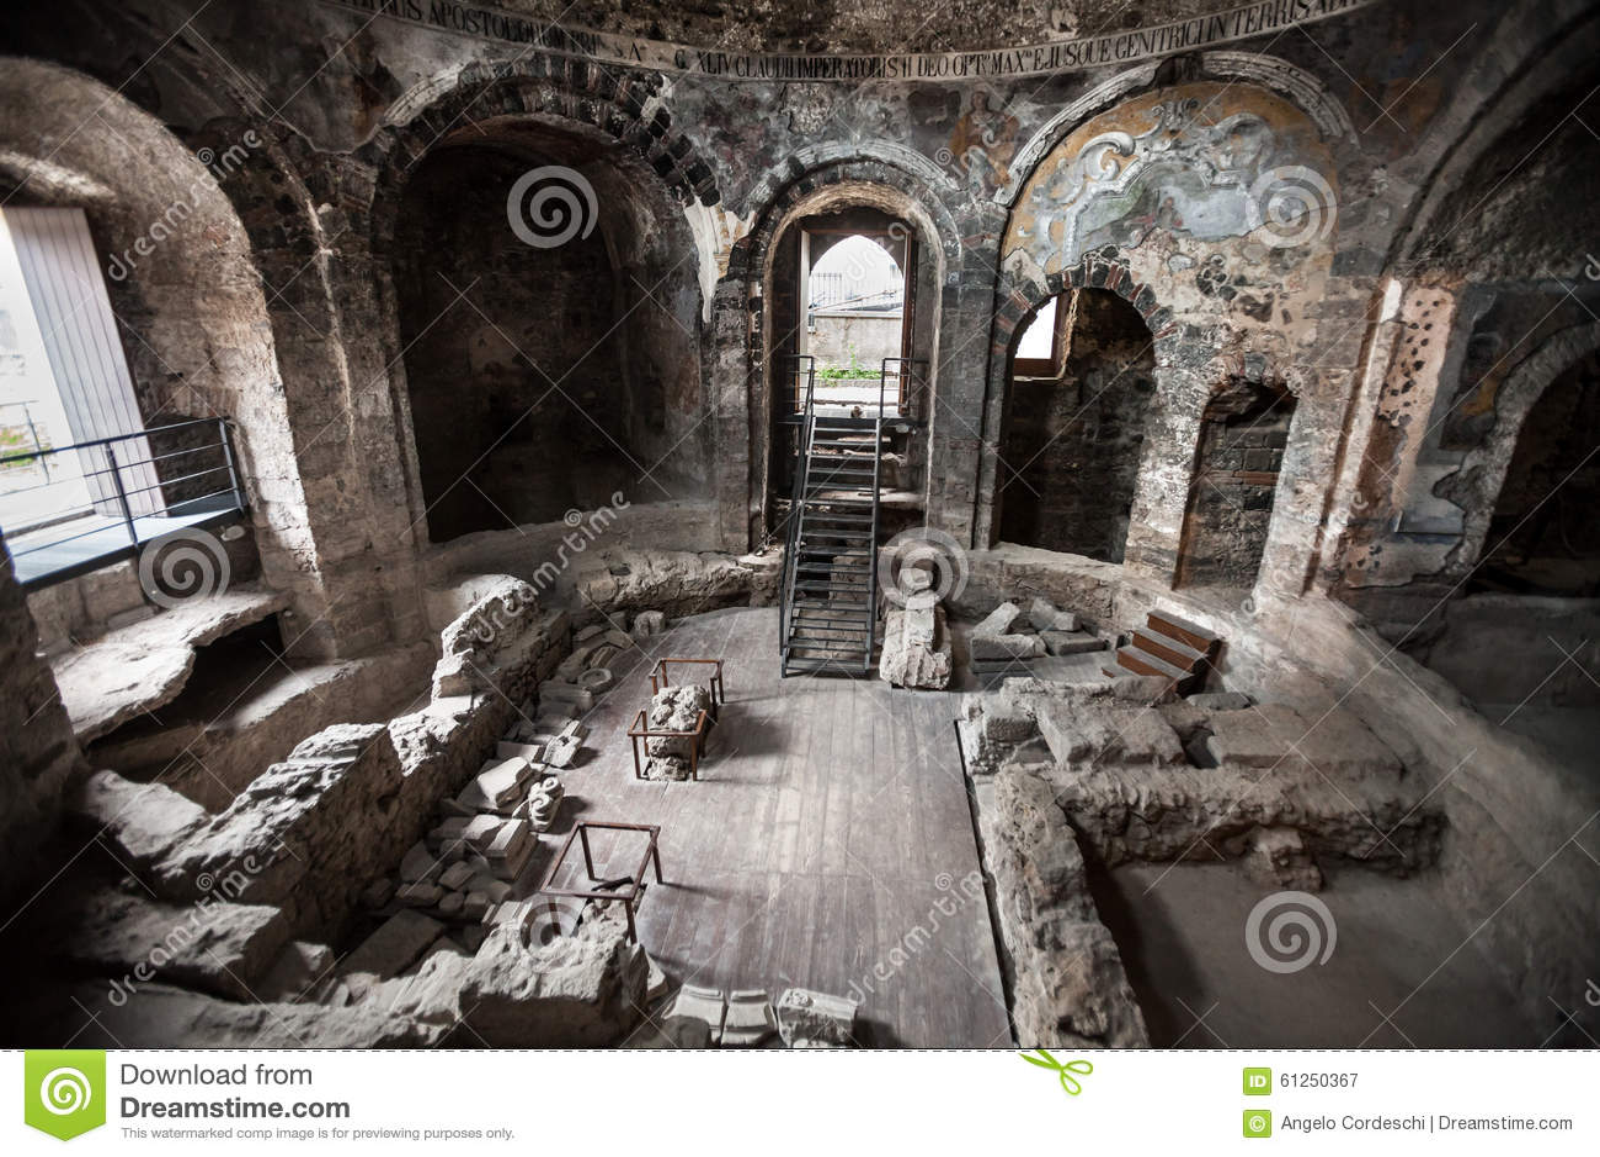 Baños Romanos Antiguos Catania, Sicilia Italia Imagen de ...